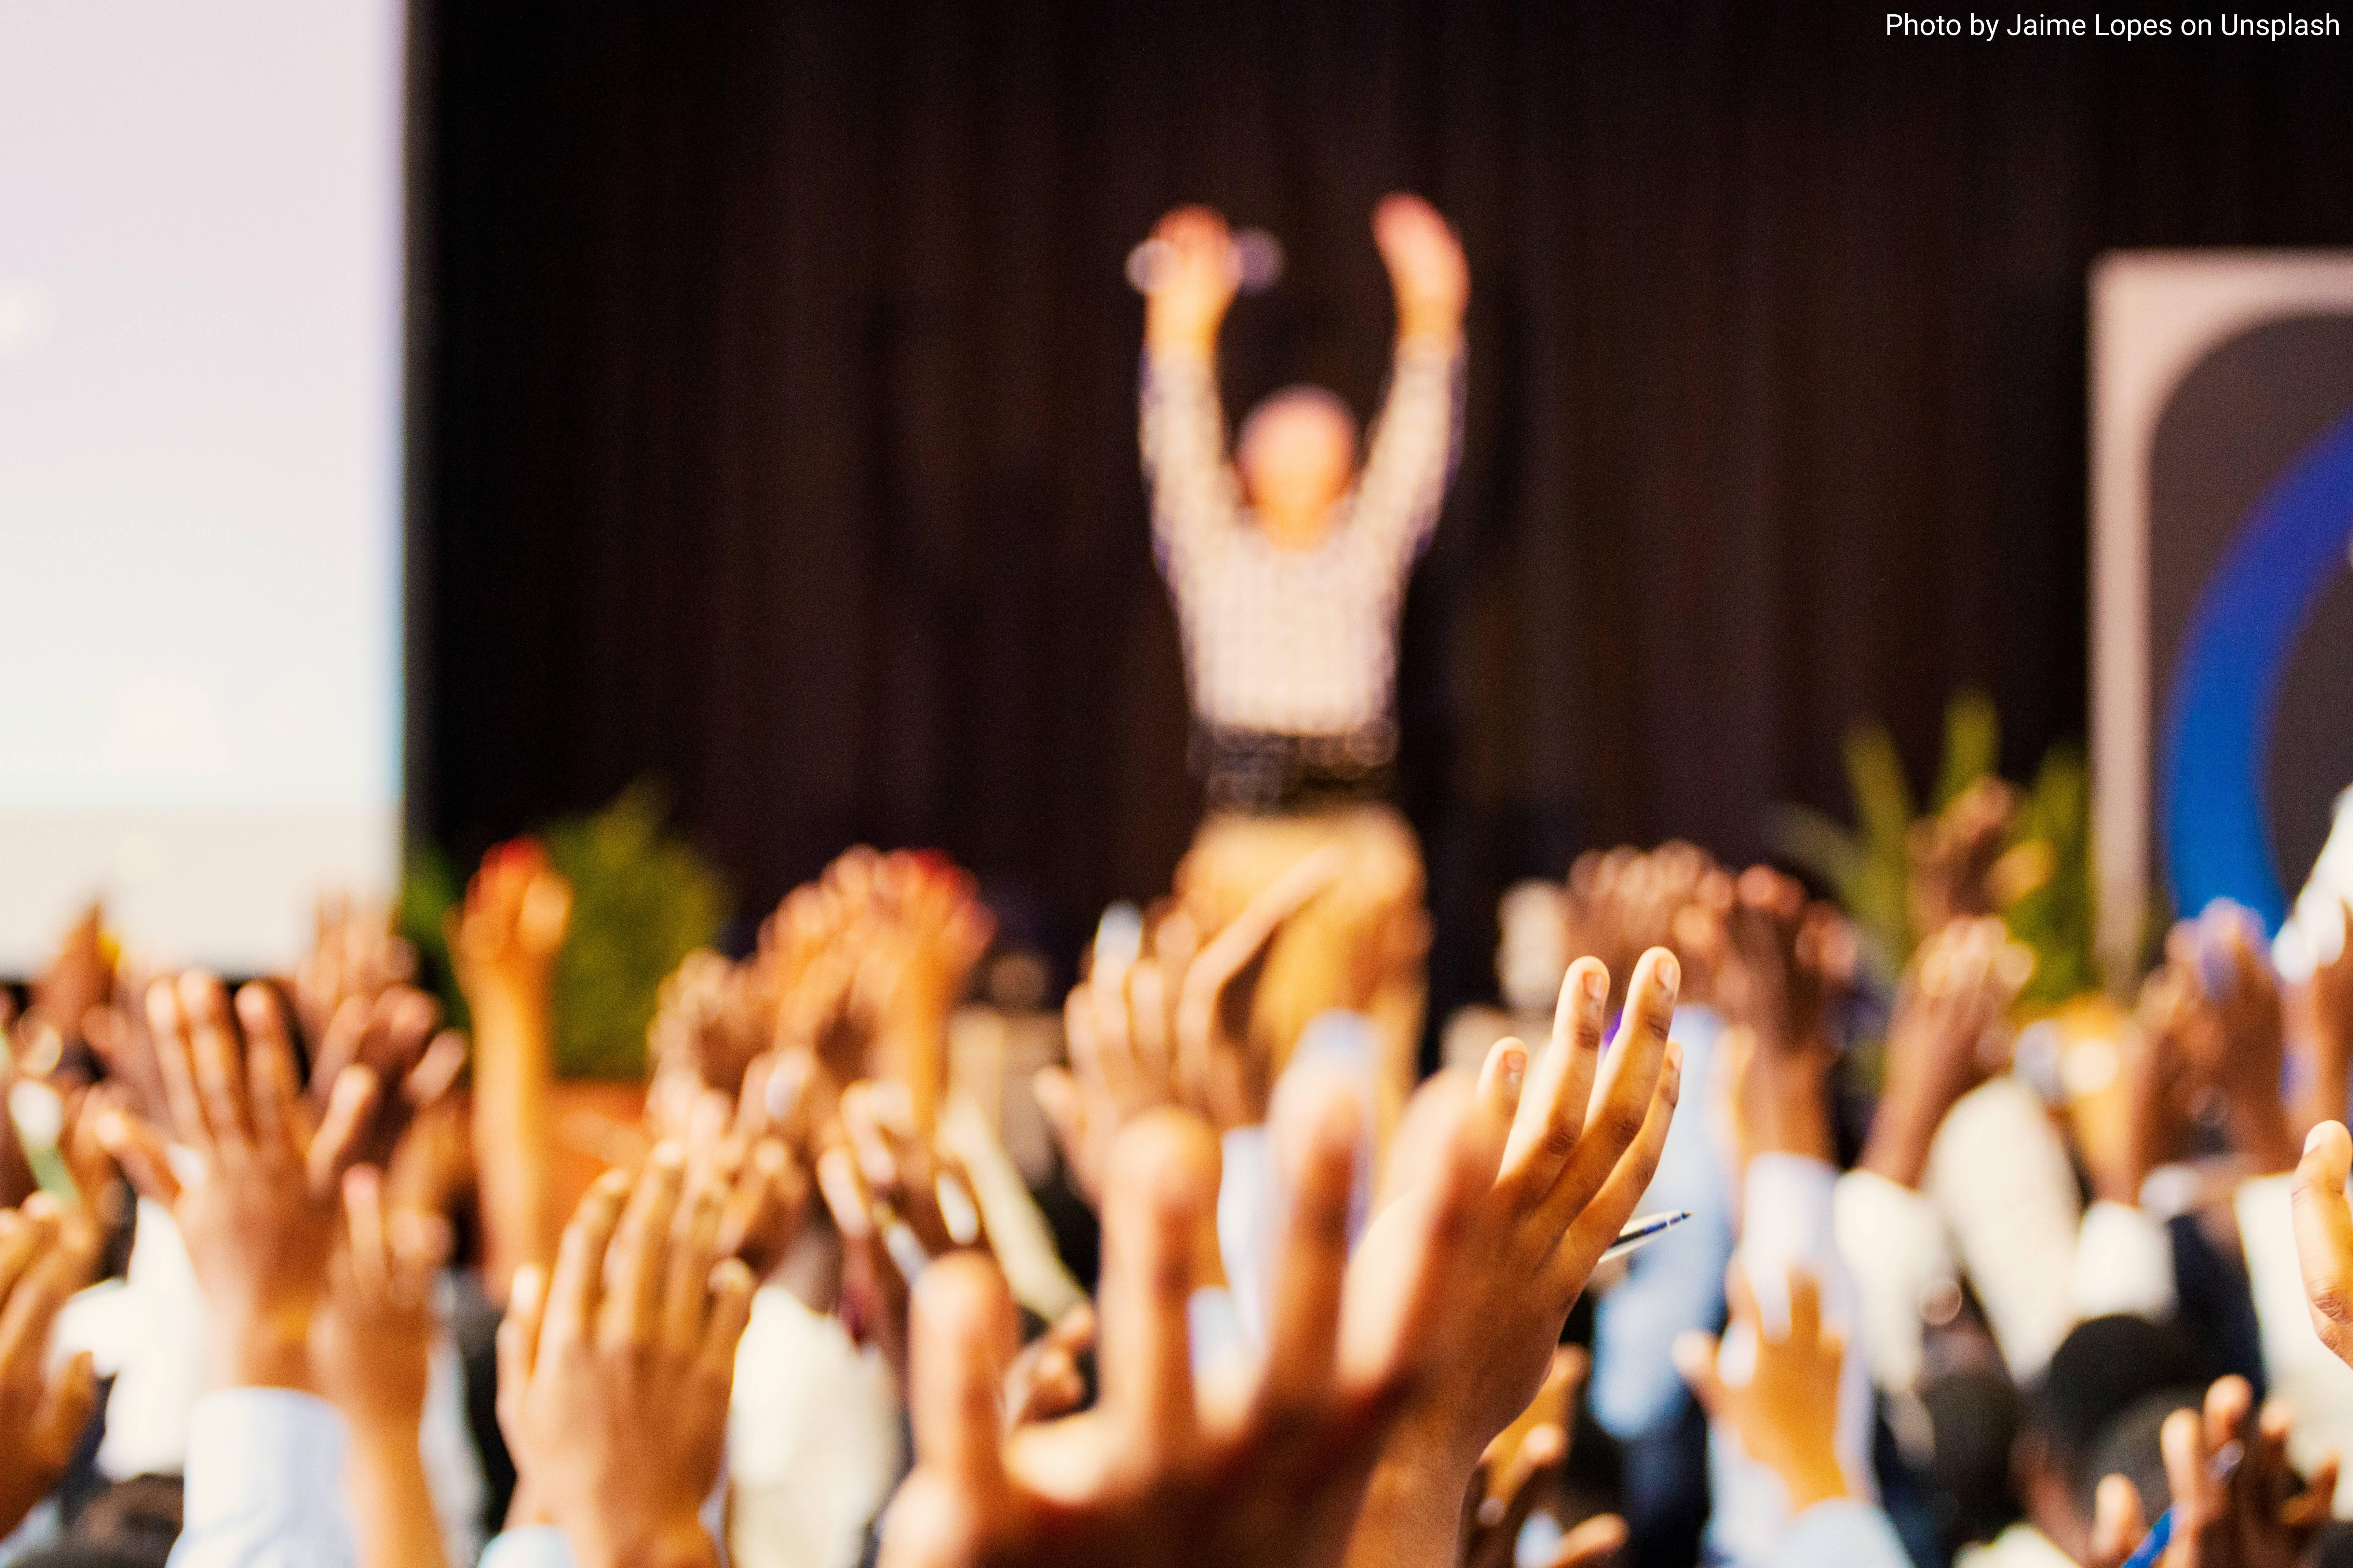 Mani sollevate a un evento pubblico